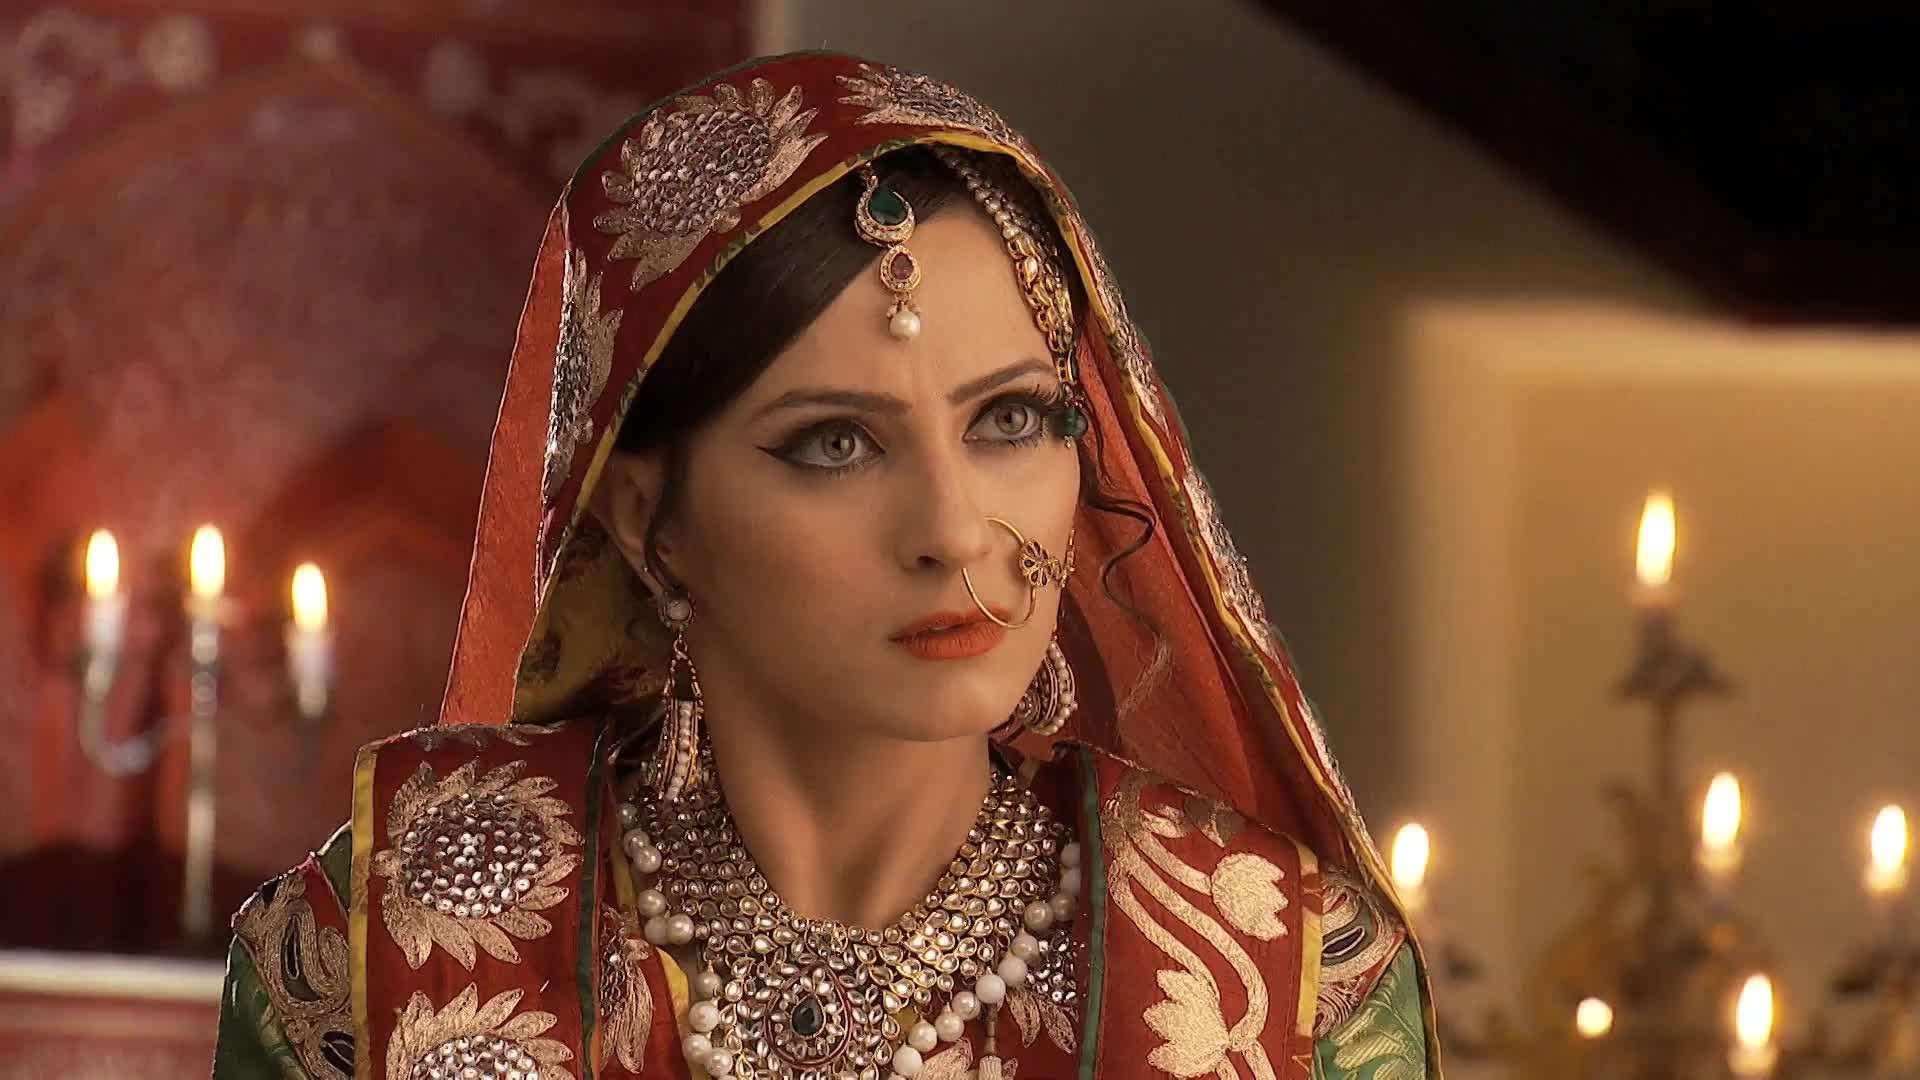 المسلسل الهندي التاريخي جودا أكبر الجزء الثاني (2013) [مدبلج] كامل 1080p تحميل تورنت 5 arabp2p.com